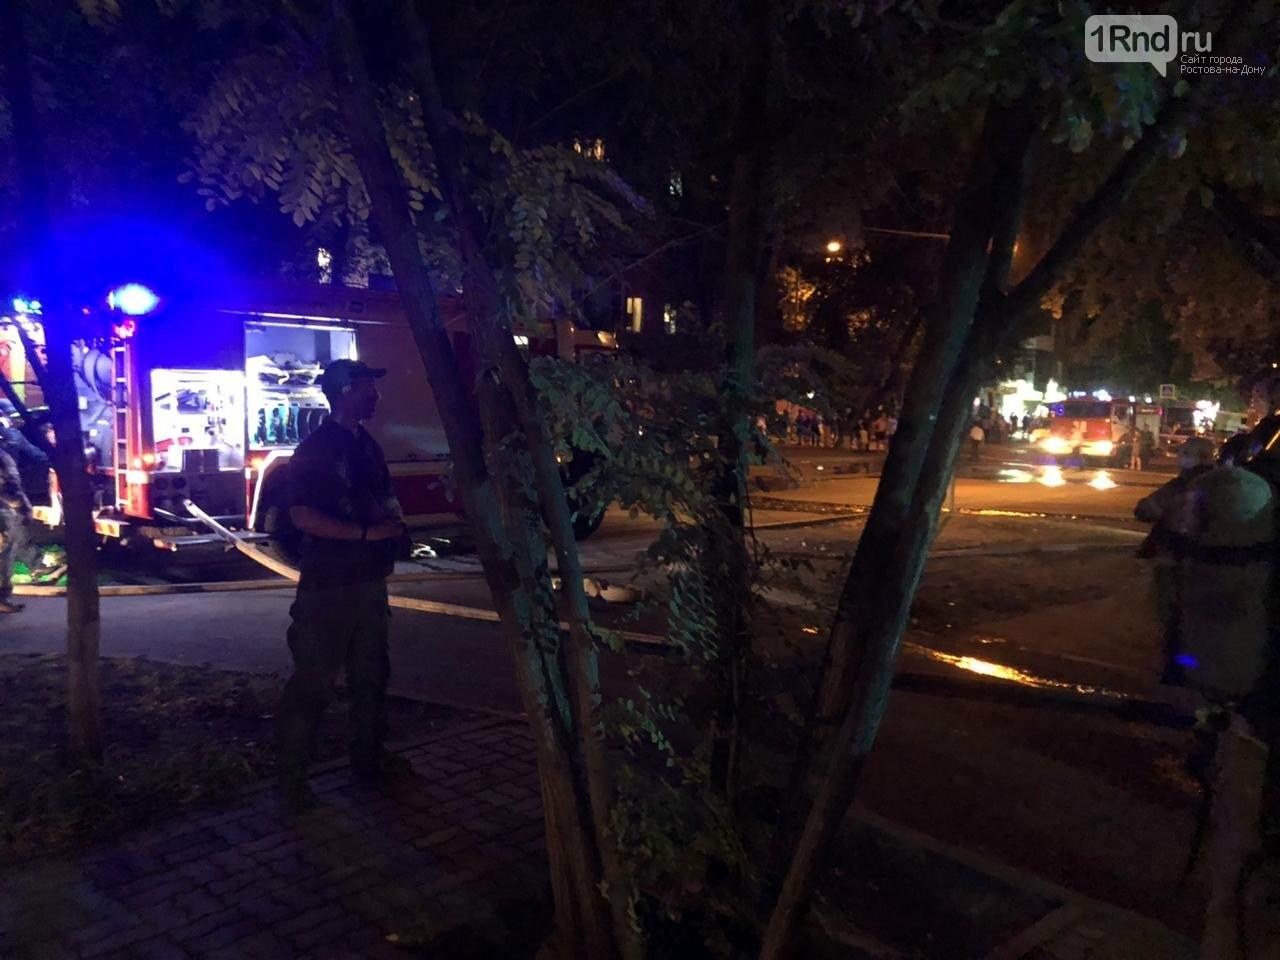 В центре Ростова тушат крупный пожар в аварийном здании, фото-3